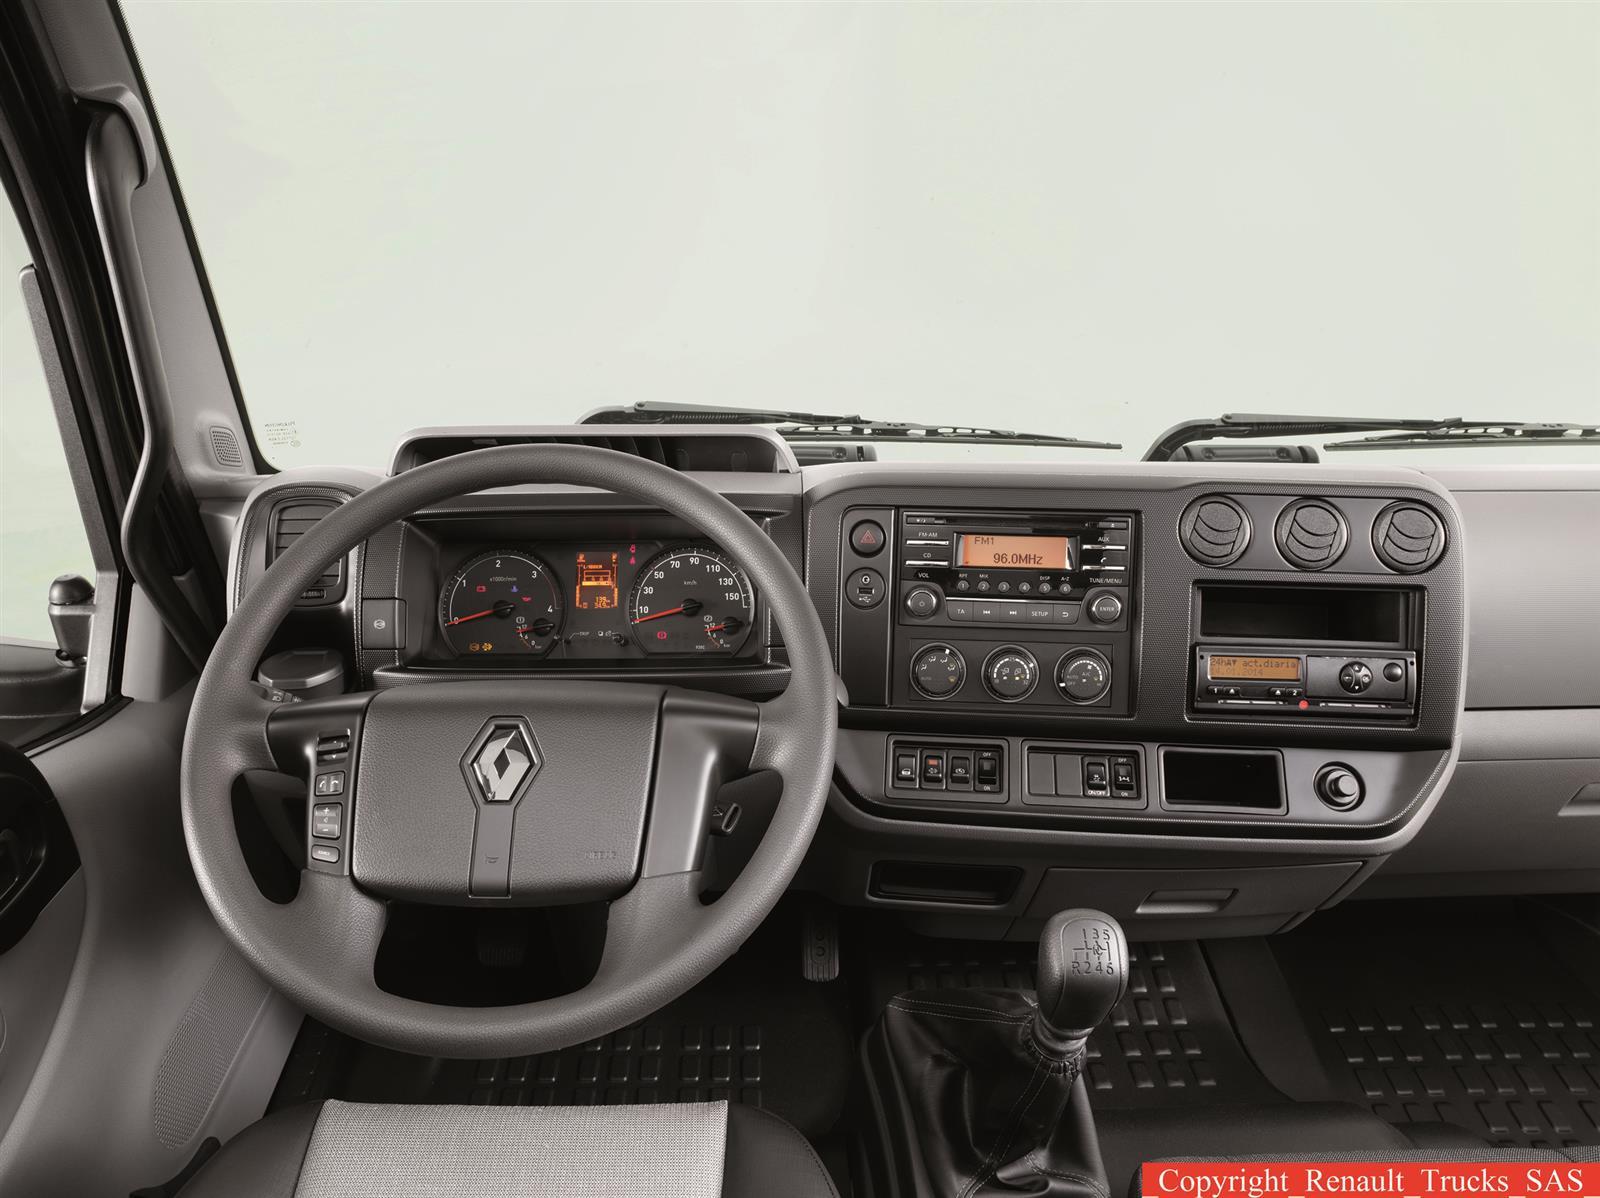 Nouveaut s renault trucks lance une nouvelle gamme de for Renault gamme t interieur